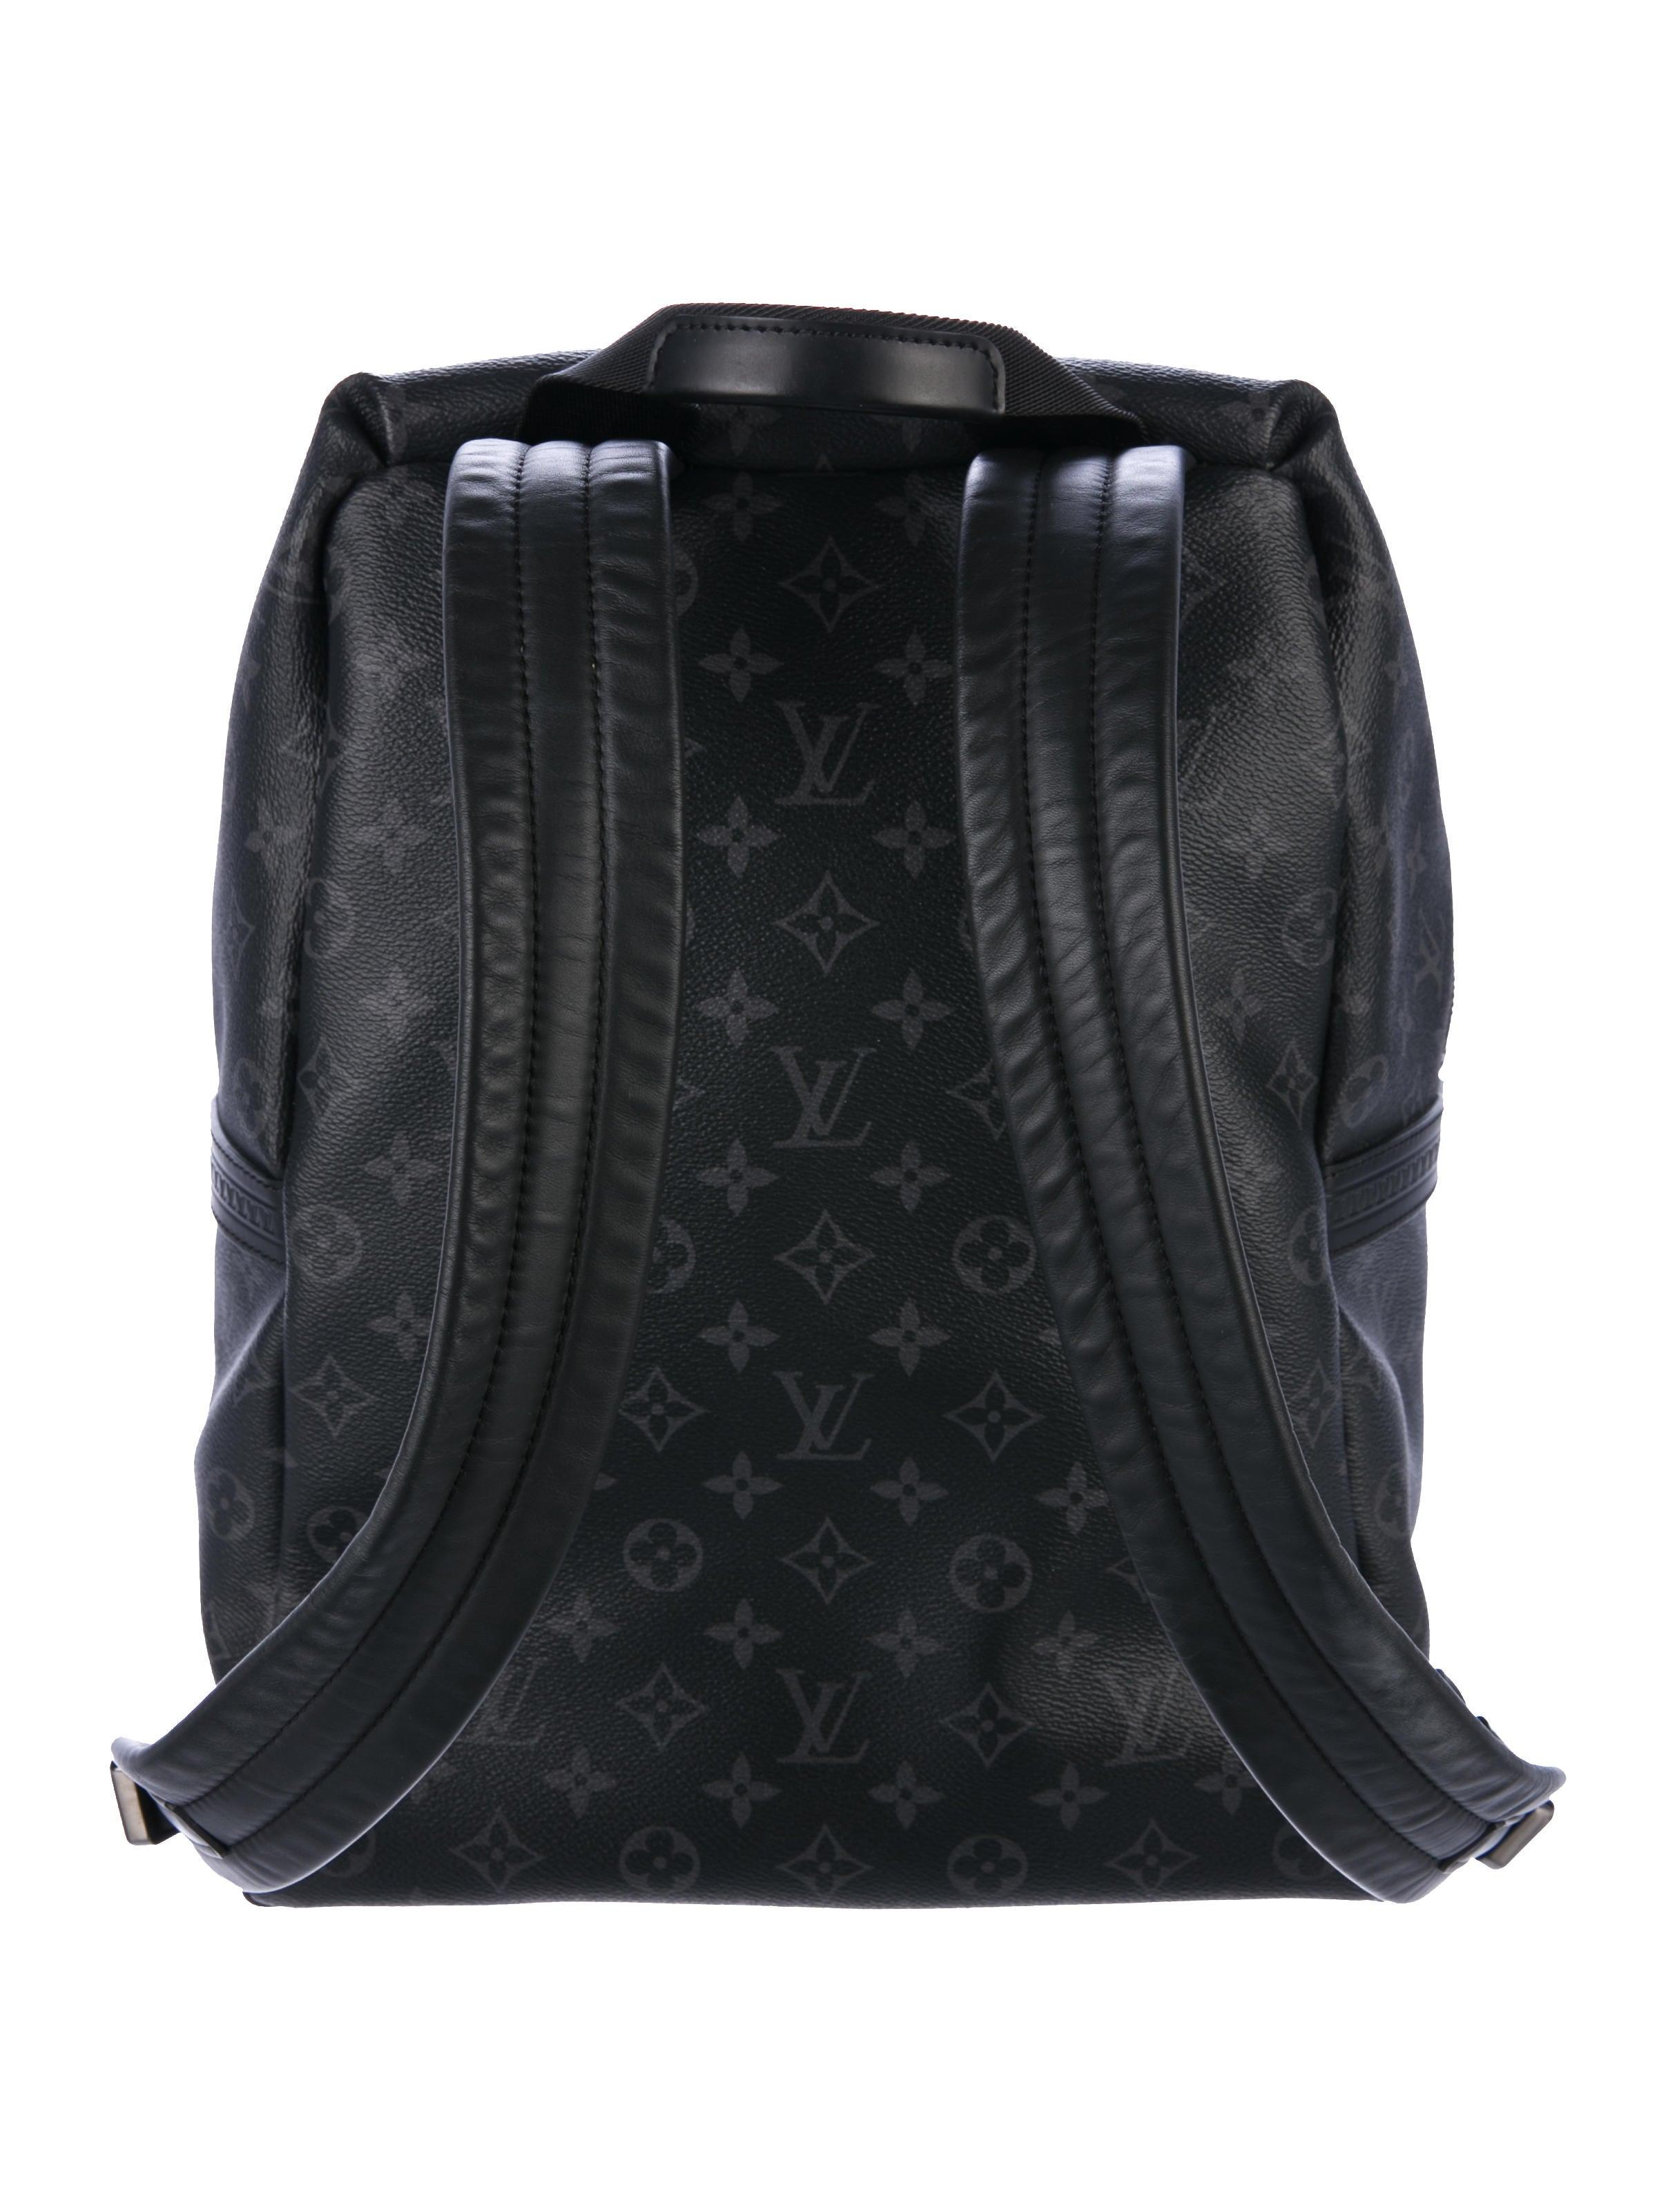 56c7f708346 Louis Vuitton M43186 Apollo Backpack Monogram Eclipse Canvas